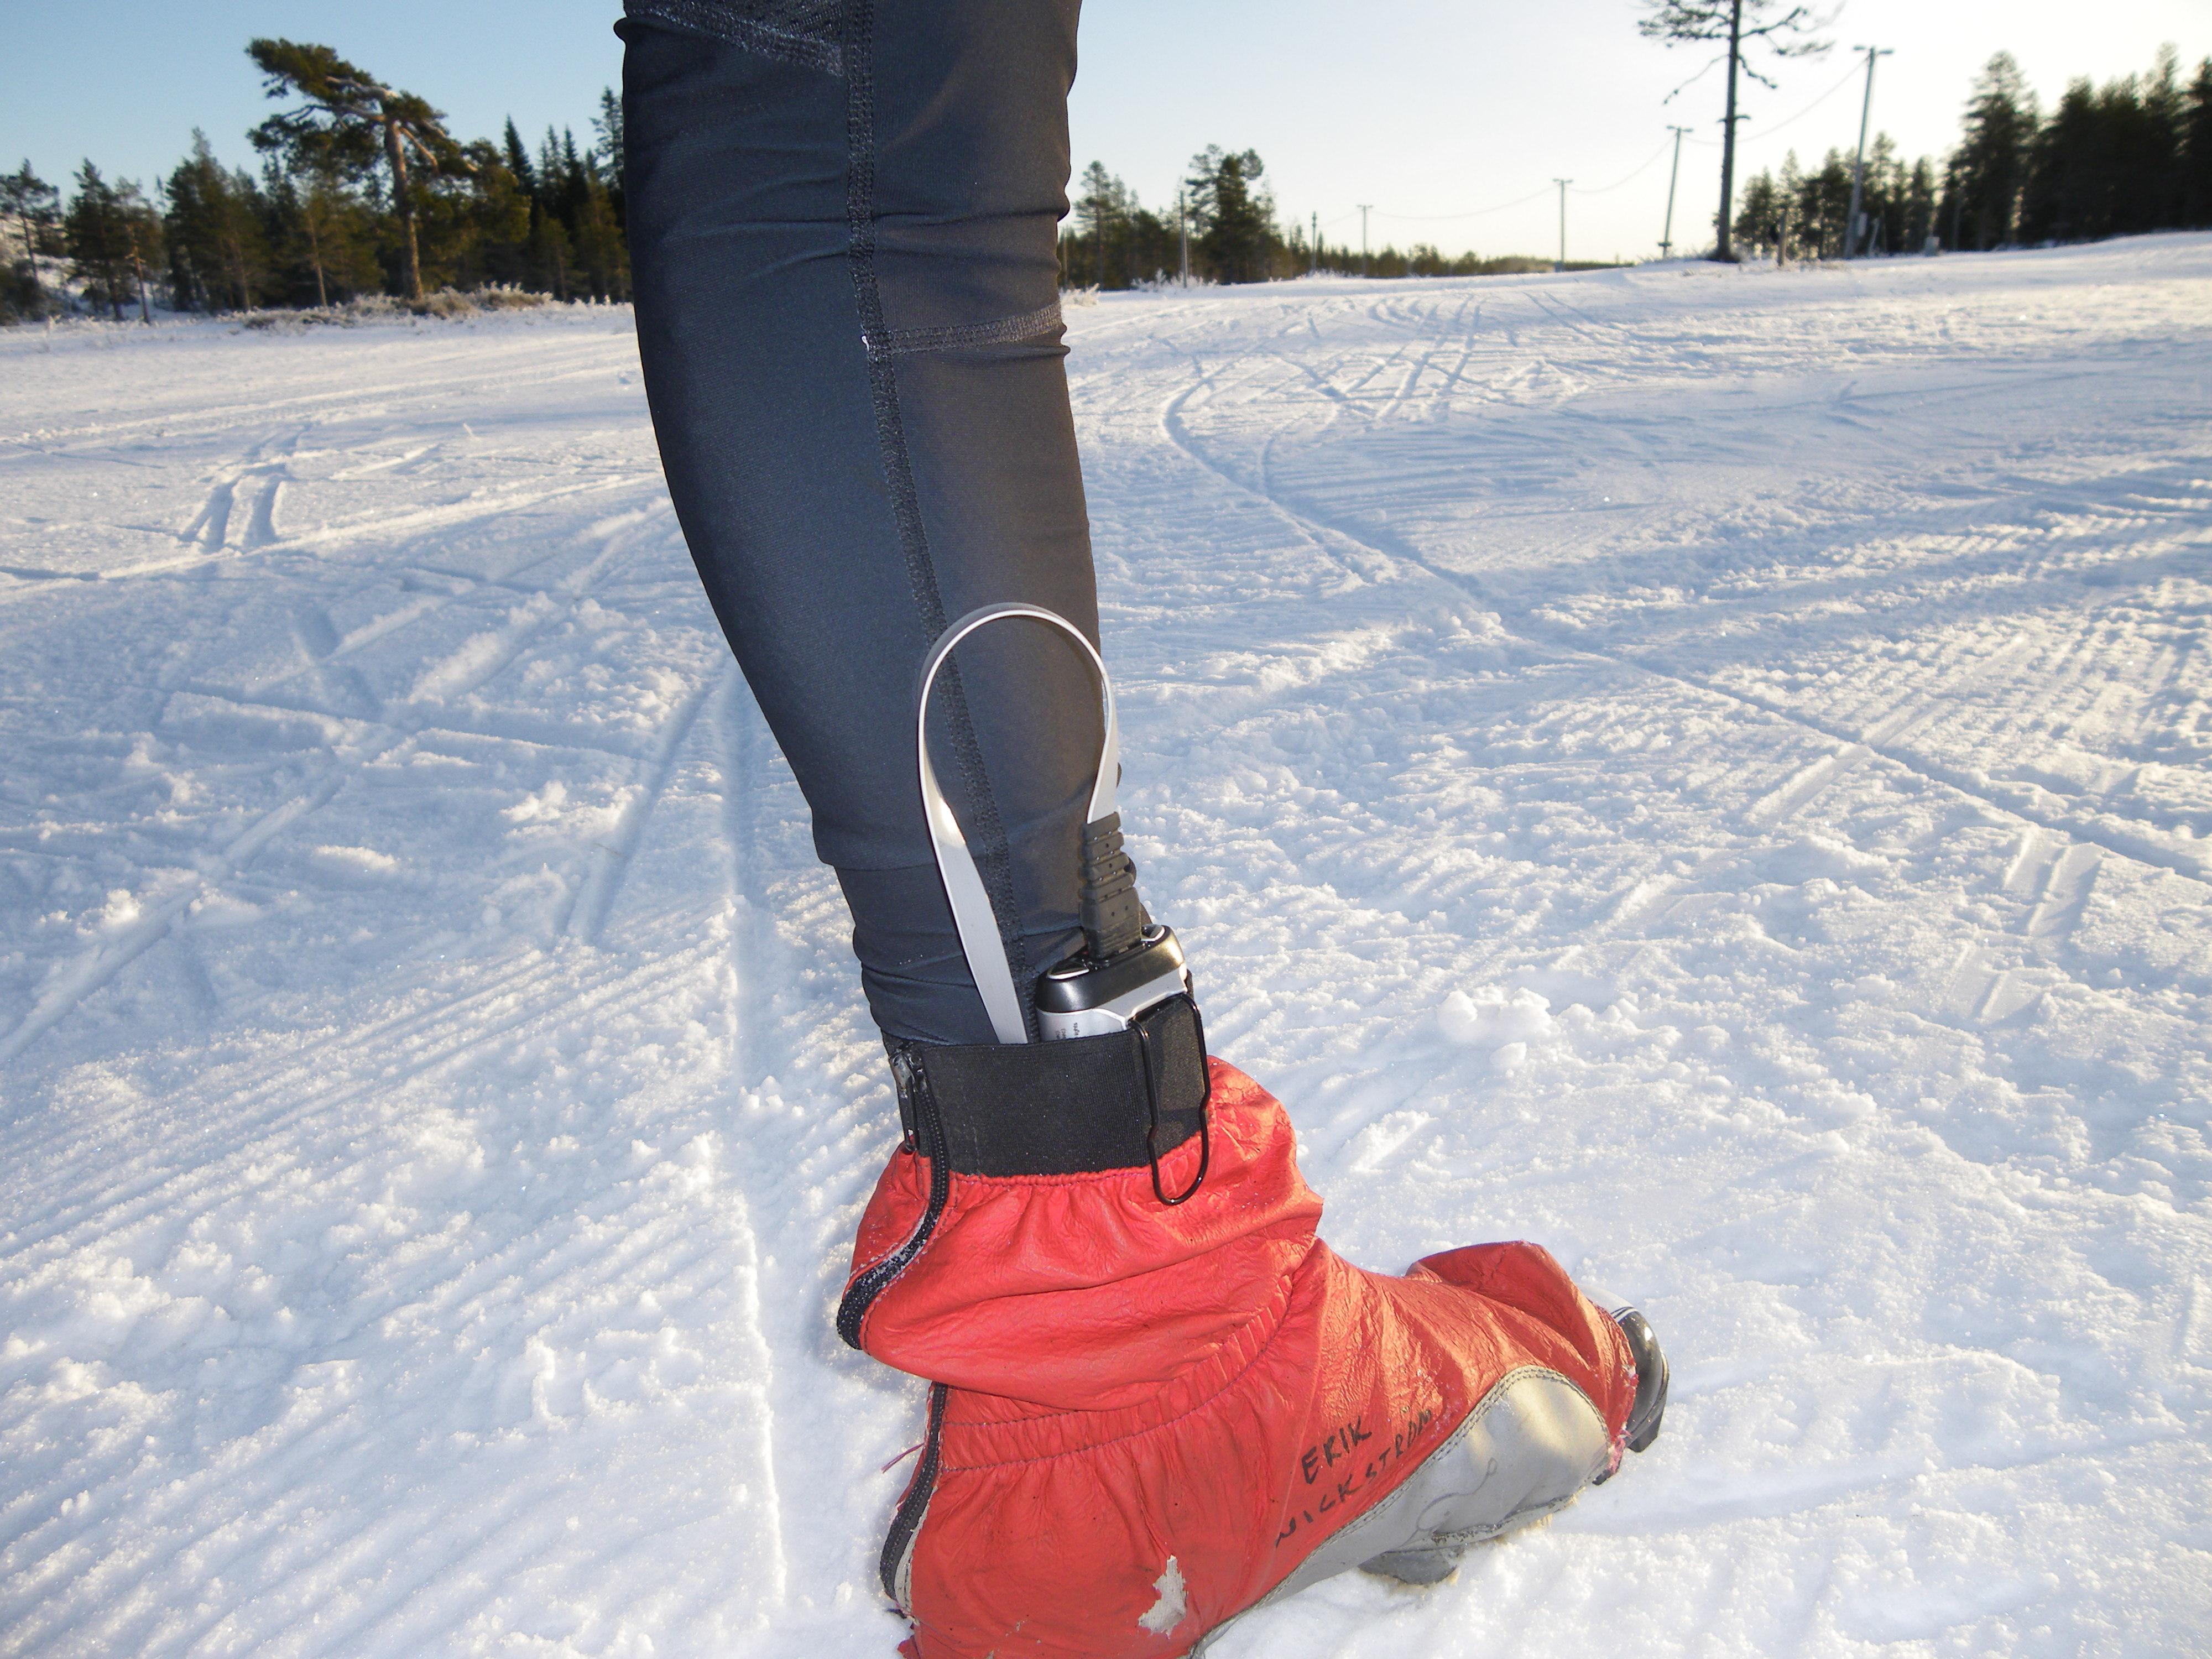 värma kalla fötter